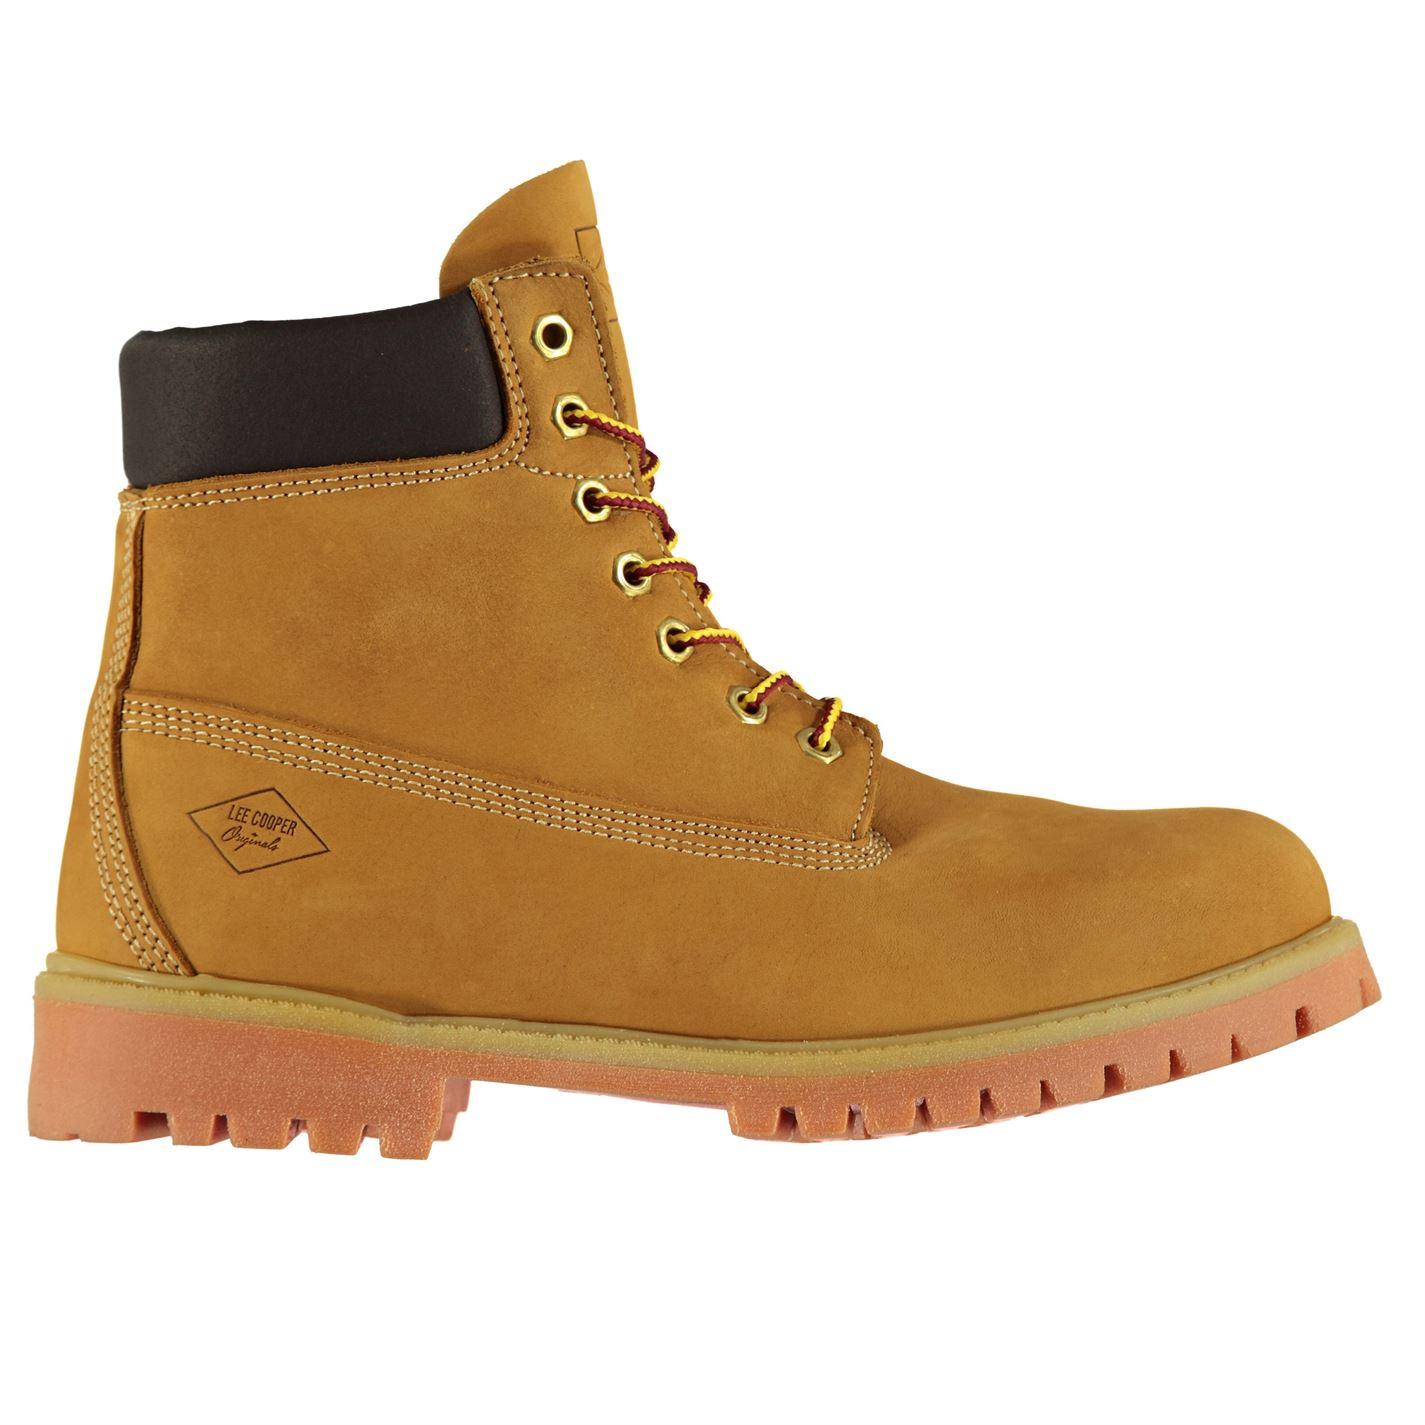 Moški čevlji Lee Cooper 6in